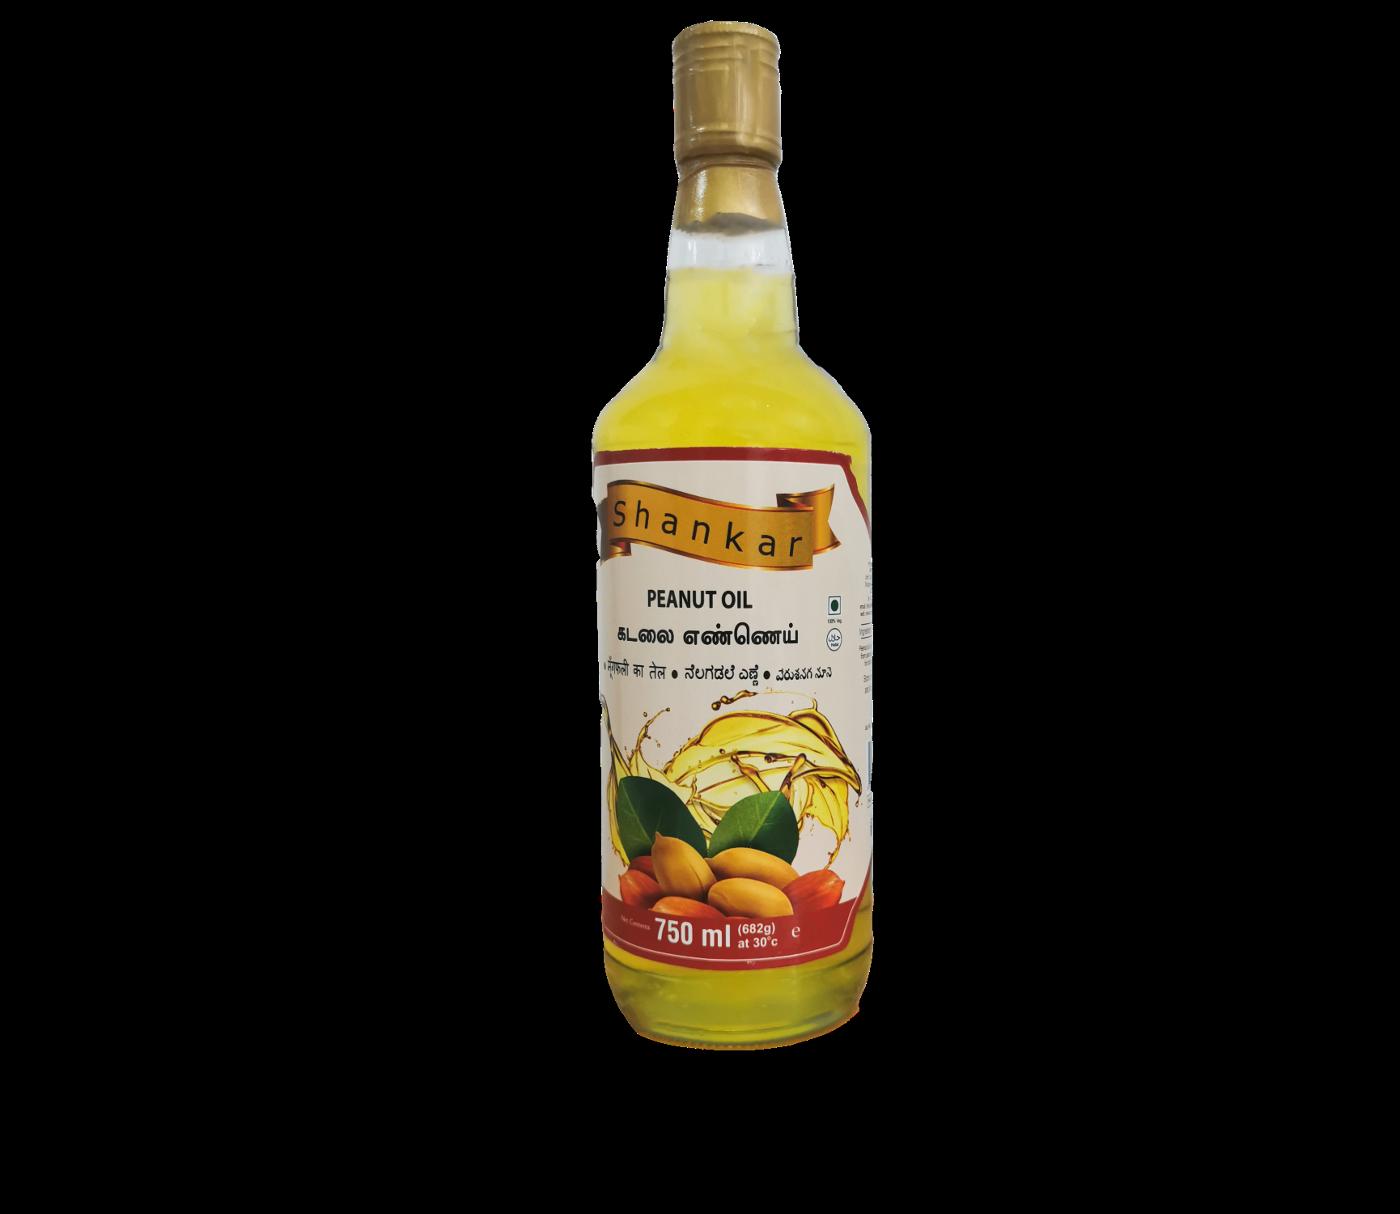 Shankar Peanut Oil